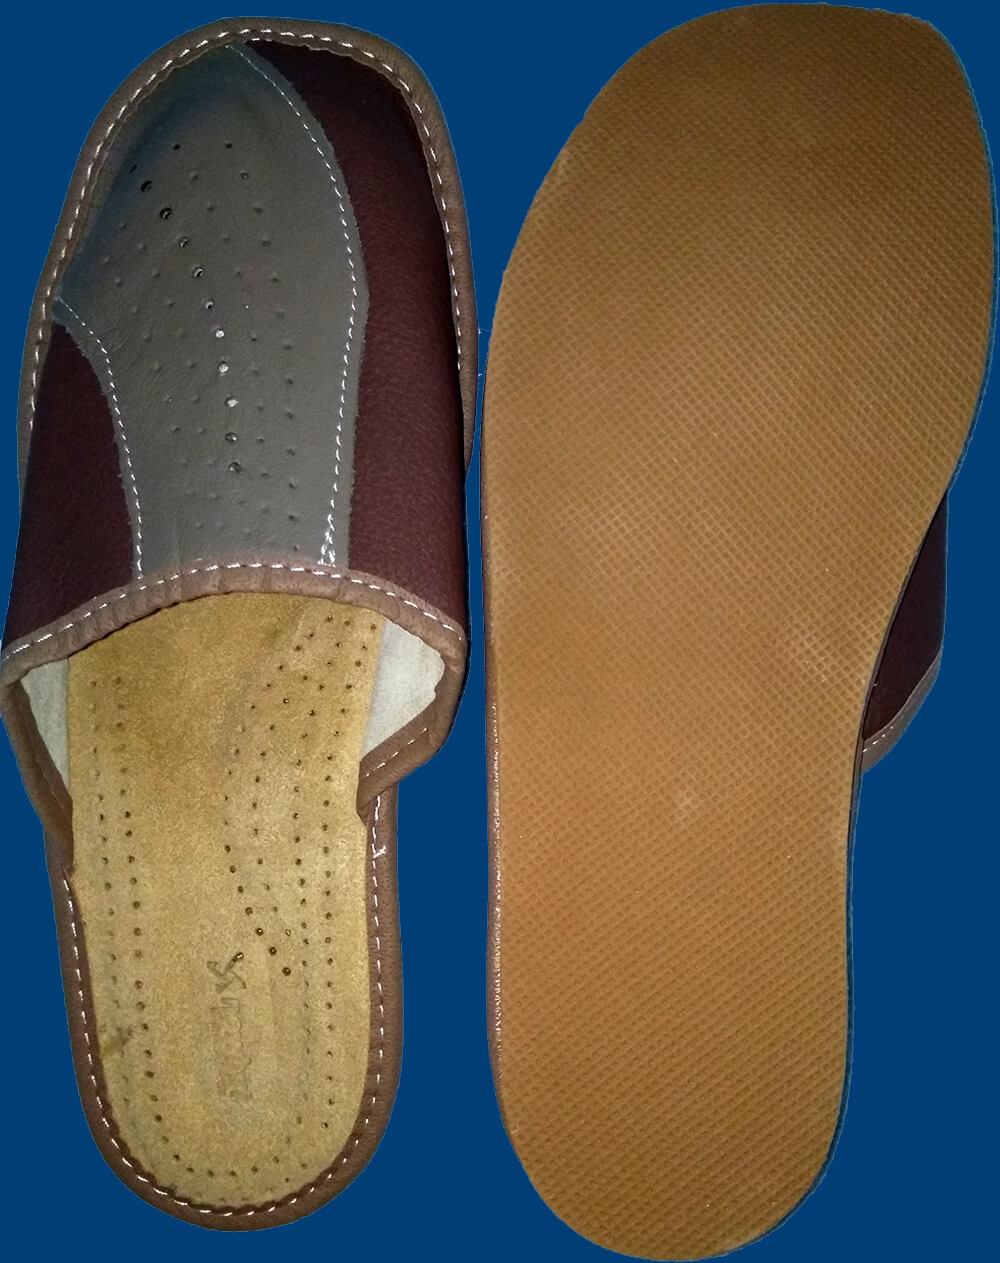 Купить кожаные тапки мужские Nowbut N518 46 размера. Фото 2